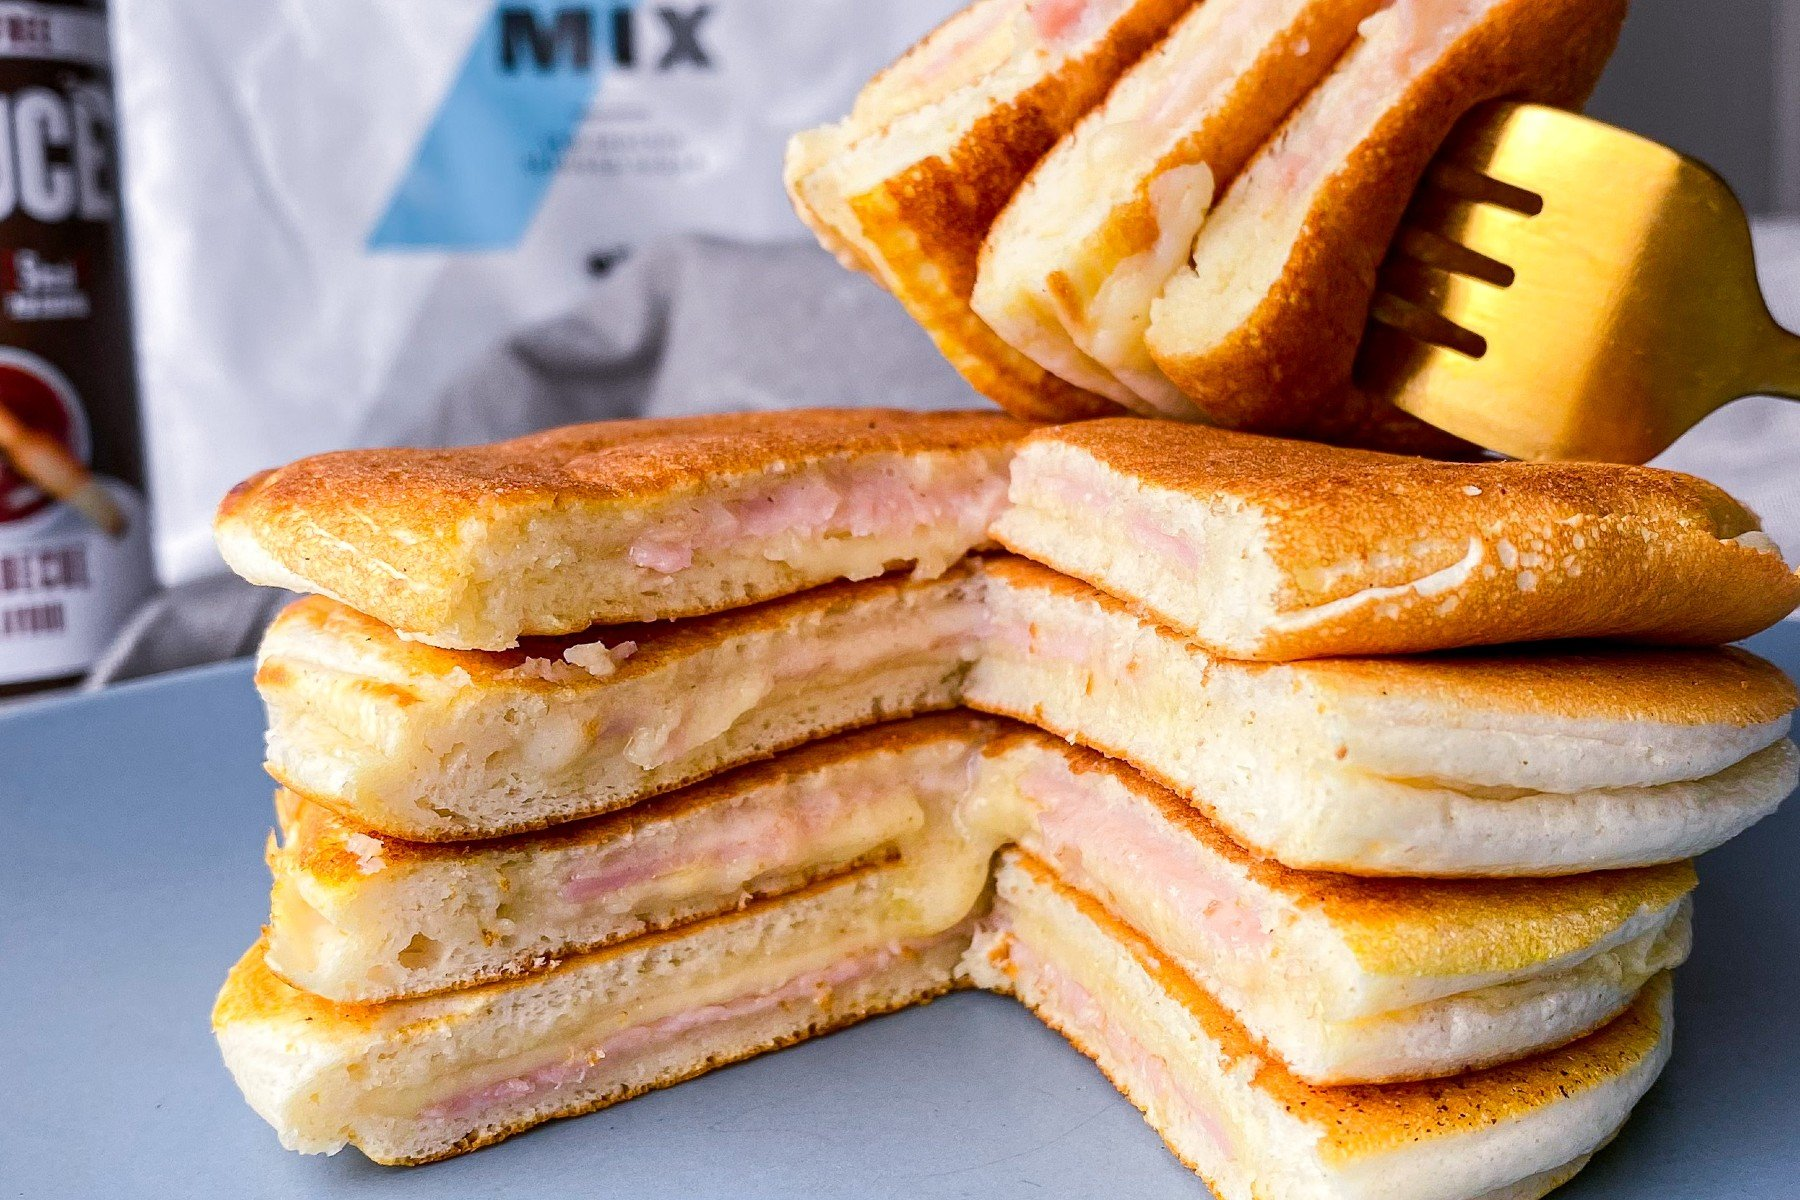 Top 10 High-Protein Breakfast Foods